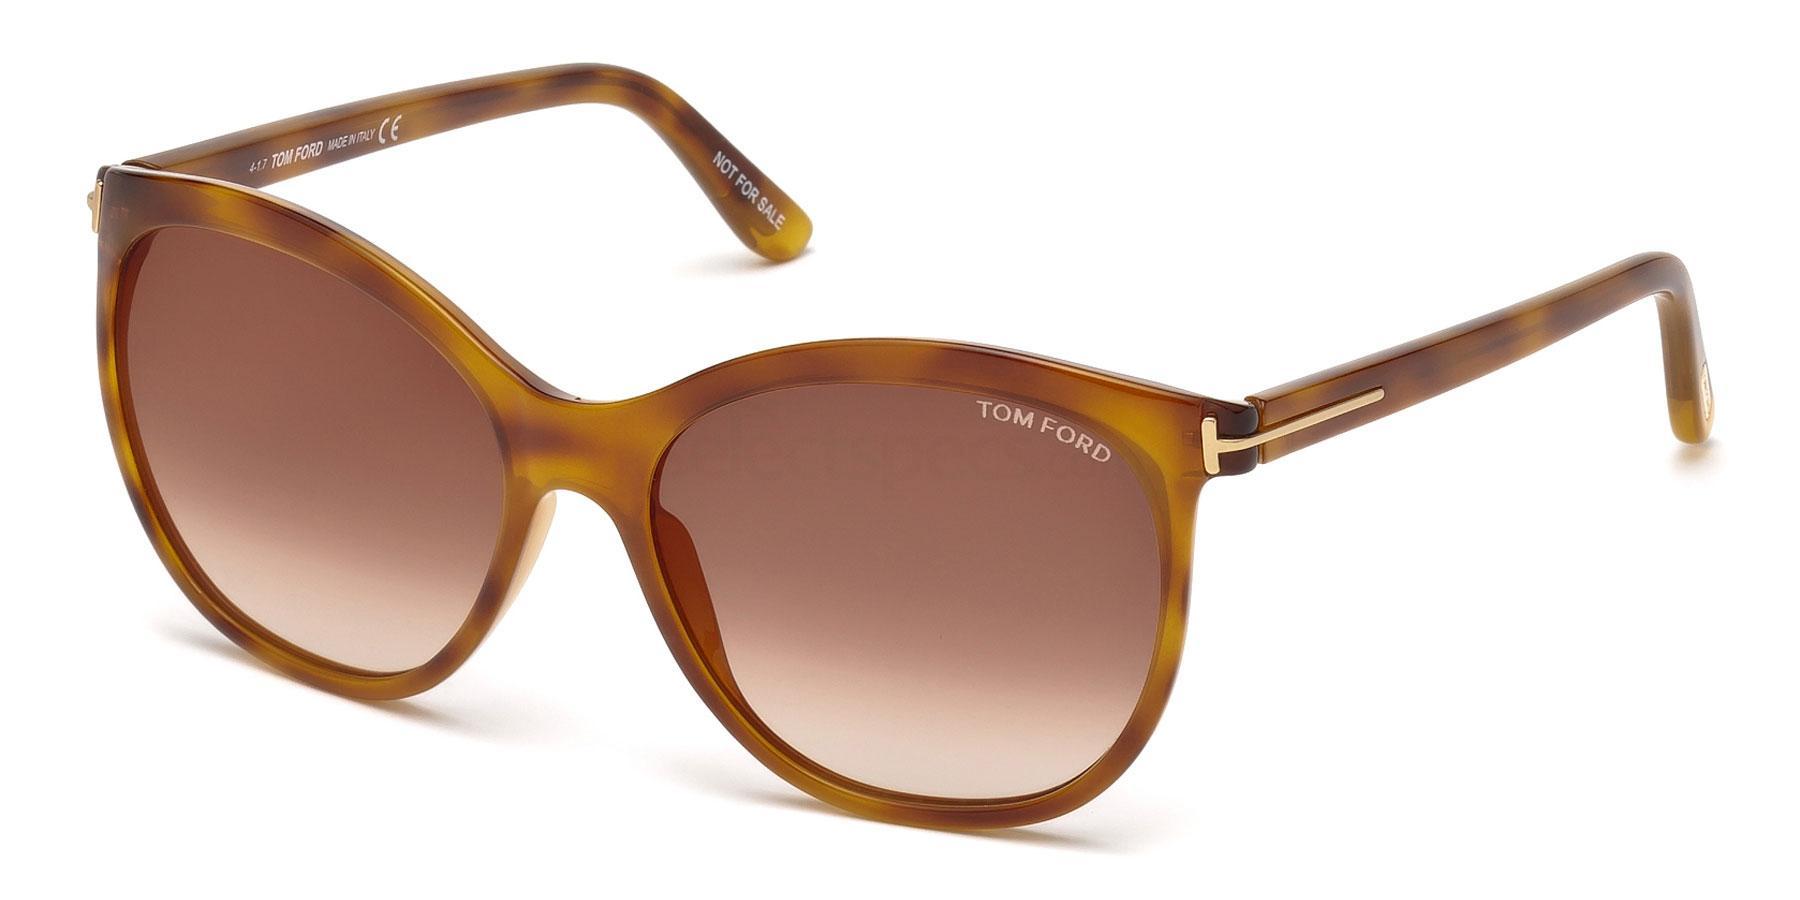 53G FT0568 Sunglasses, Tom Ford